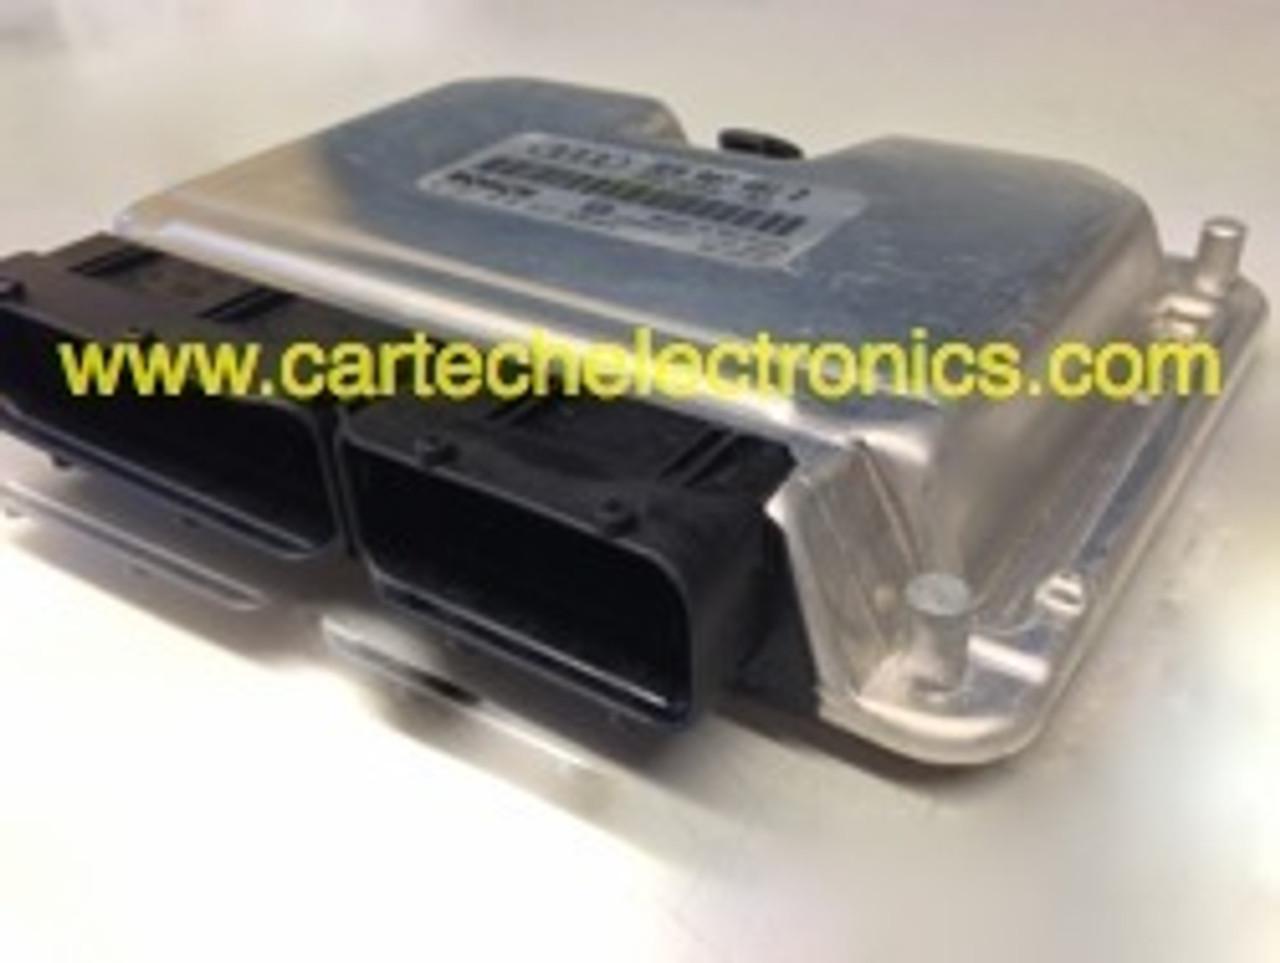 Skoda Superb 1.9 TDI, VW Passat 1.9 TDI, 0281011204, 0281 011 204, 038906019KC, 038 906 019 KC, EDC15P+